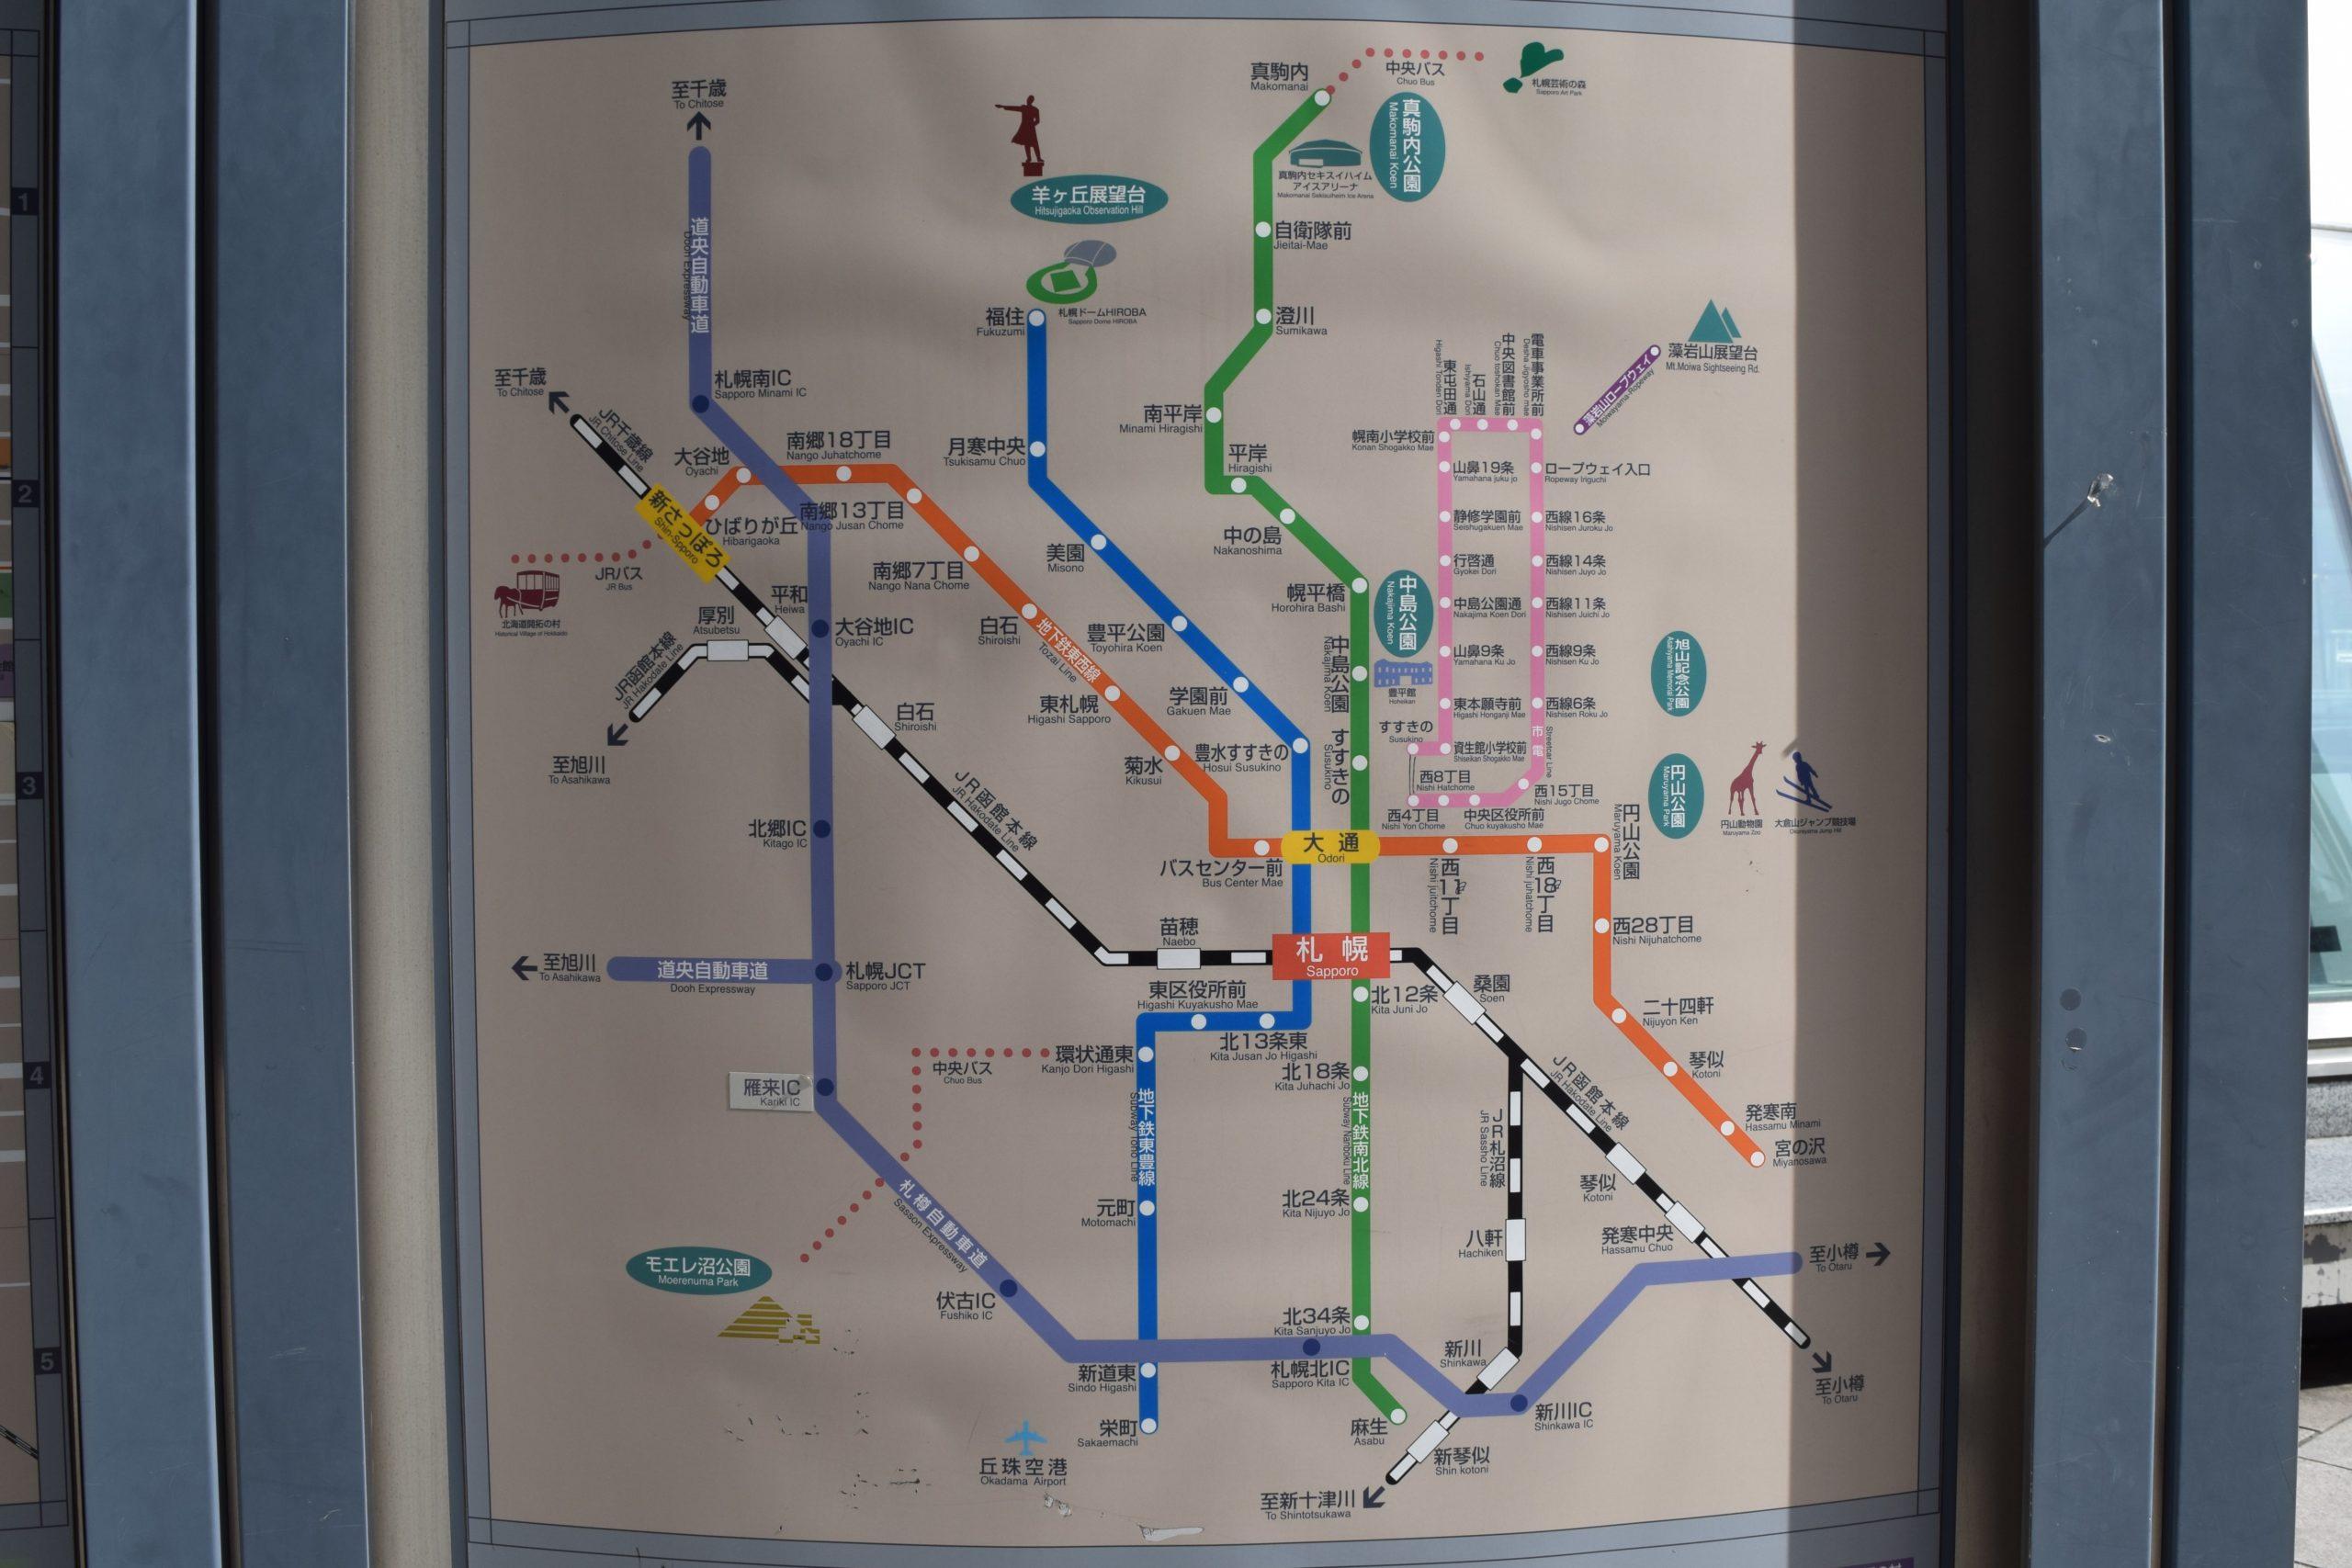 札幌市内の公共交通機関の路線図